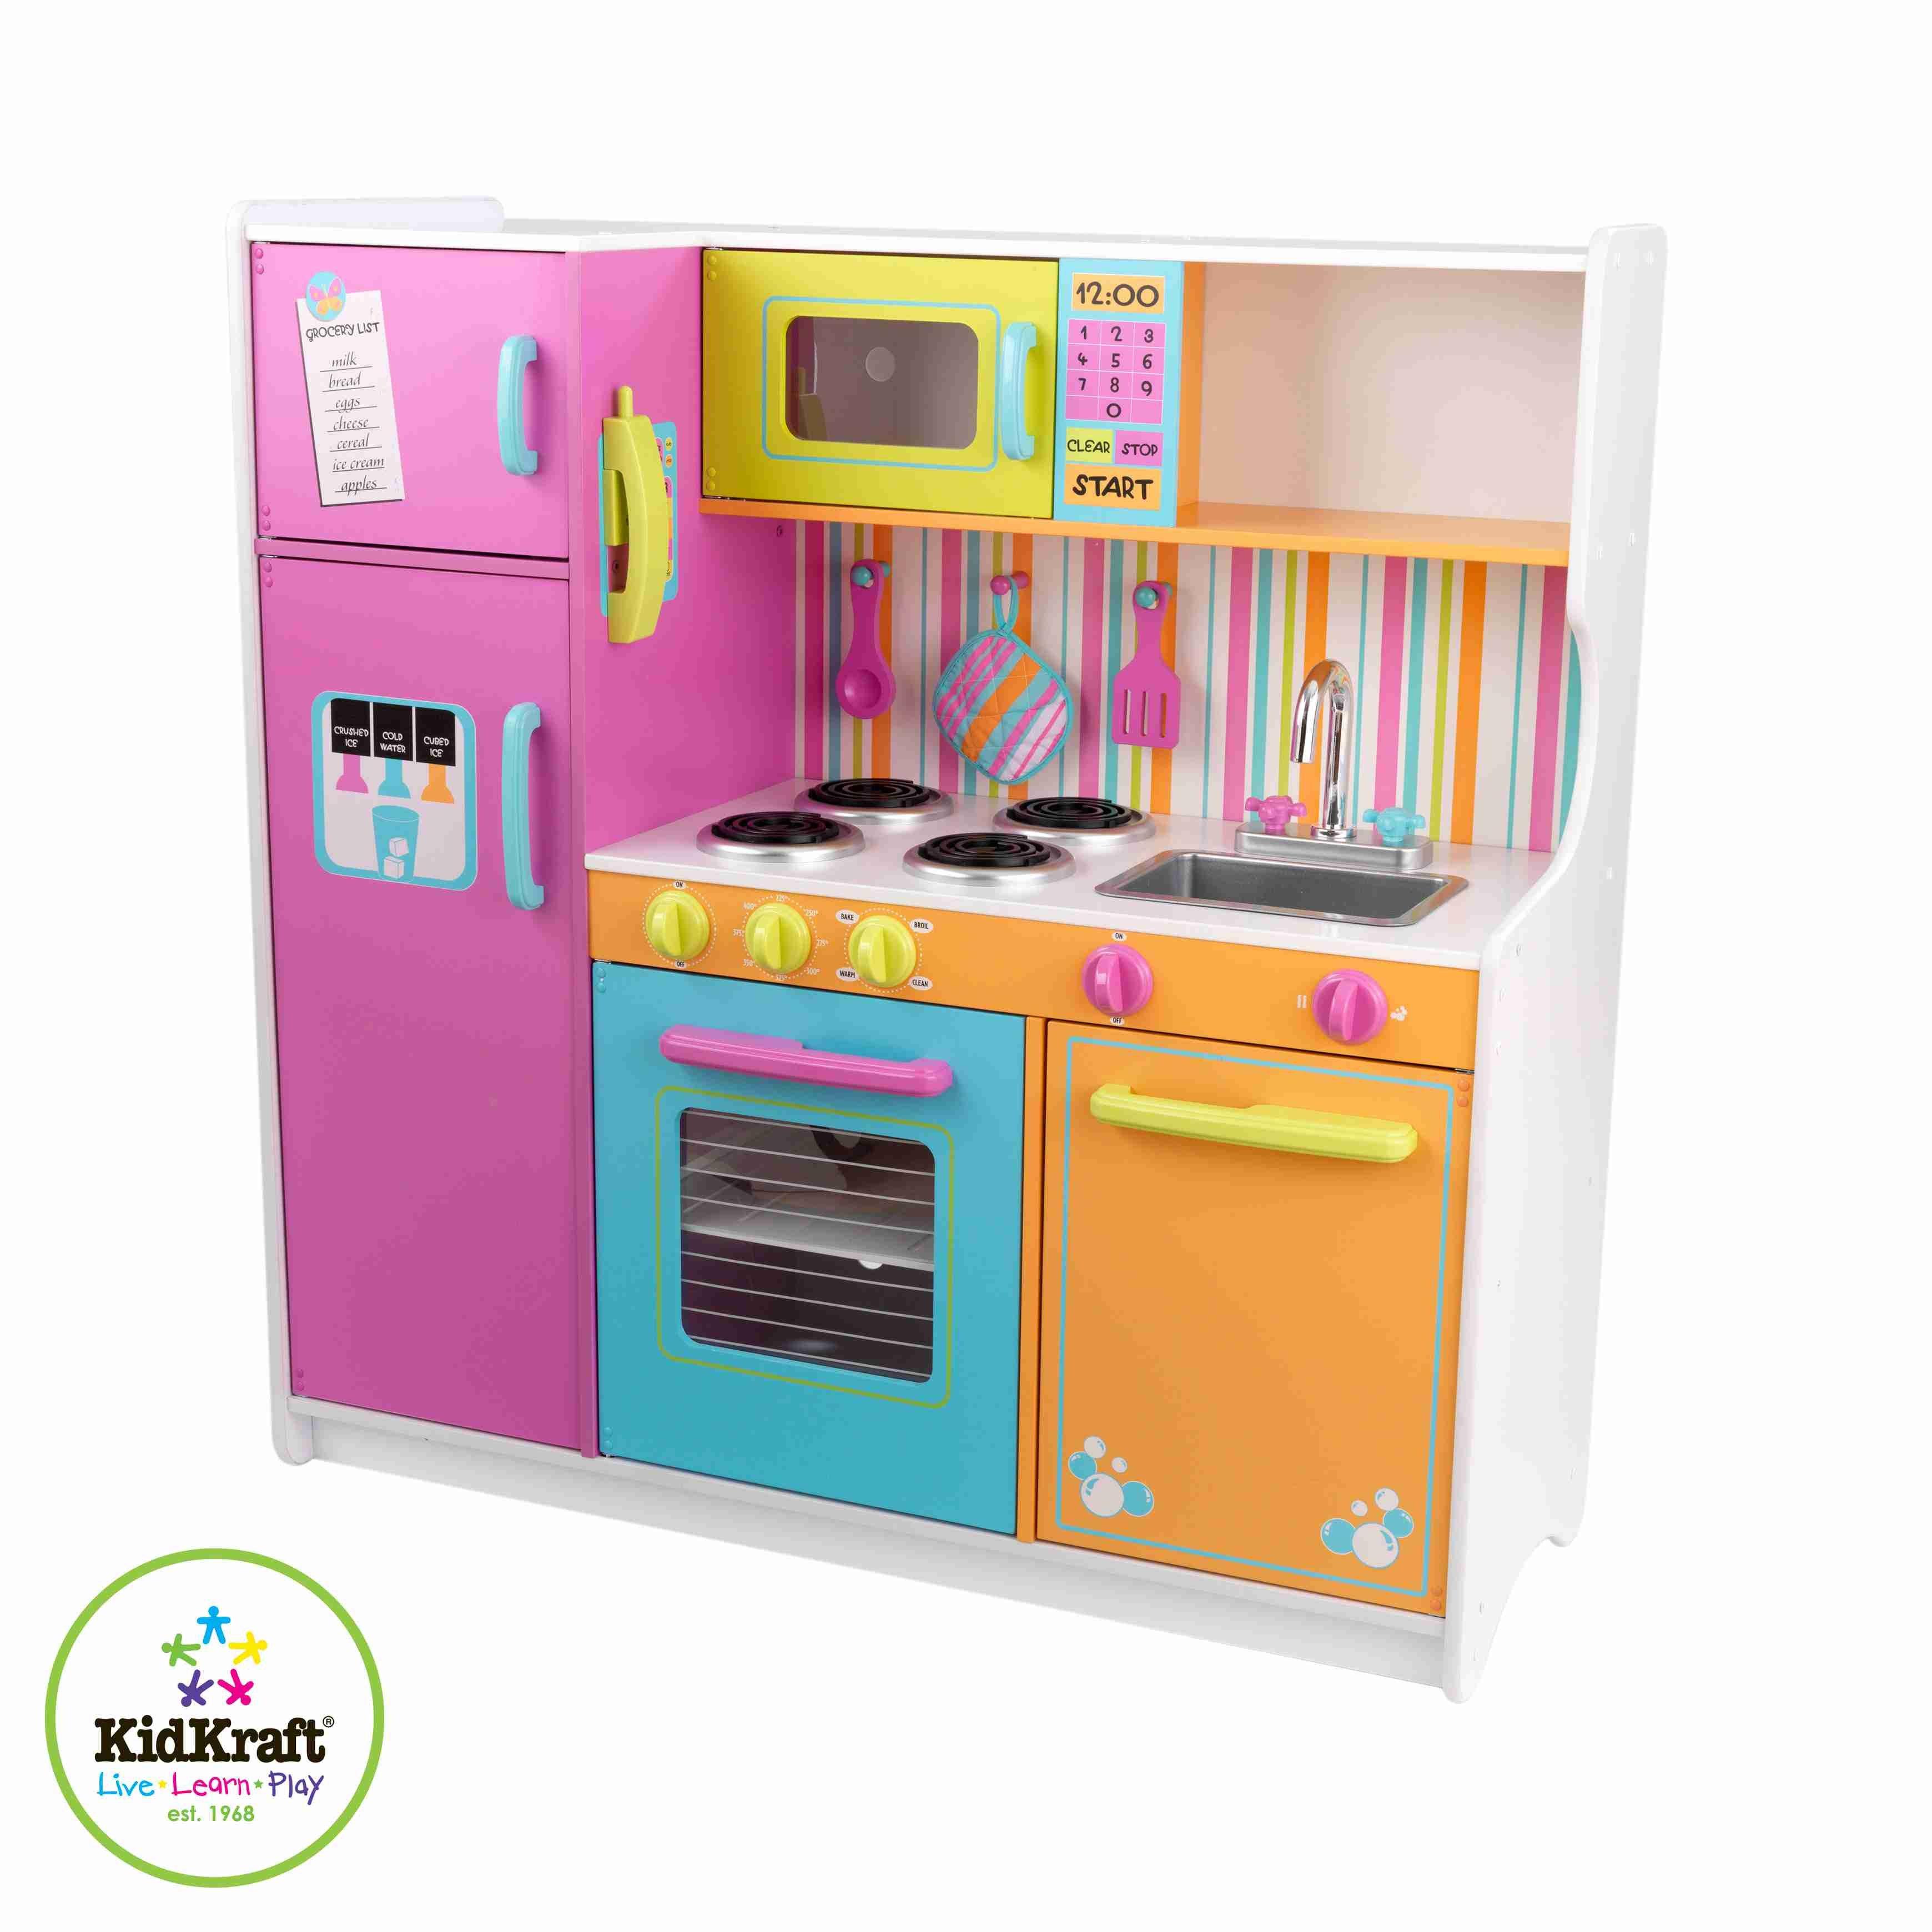 Merveilleux Kidkraft Deluxe Big U0026 Bright Kitchen